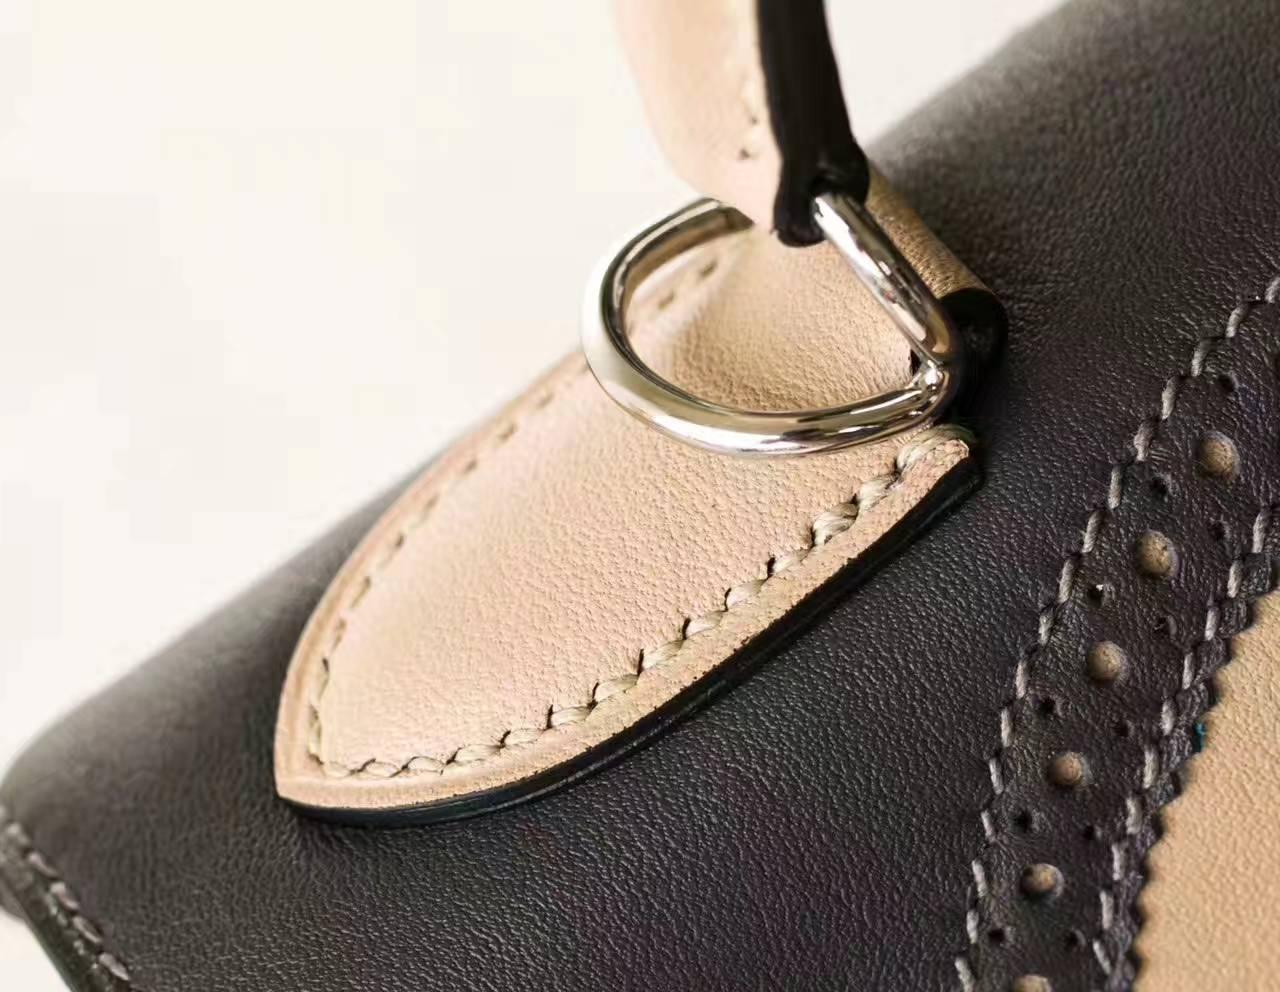 爱马仕Kelly女包 原厂Swift牛皮蕾丝凯莉包28cm 锡器灰拼斑鸠灰